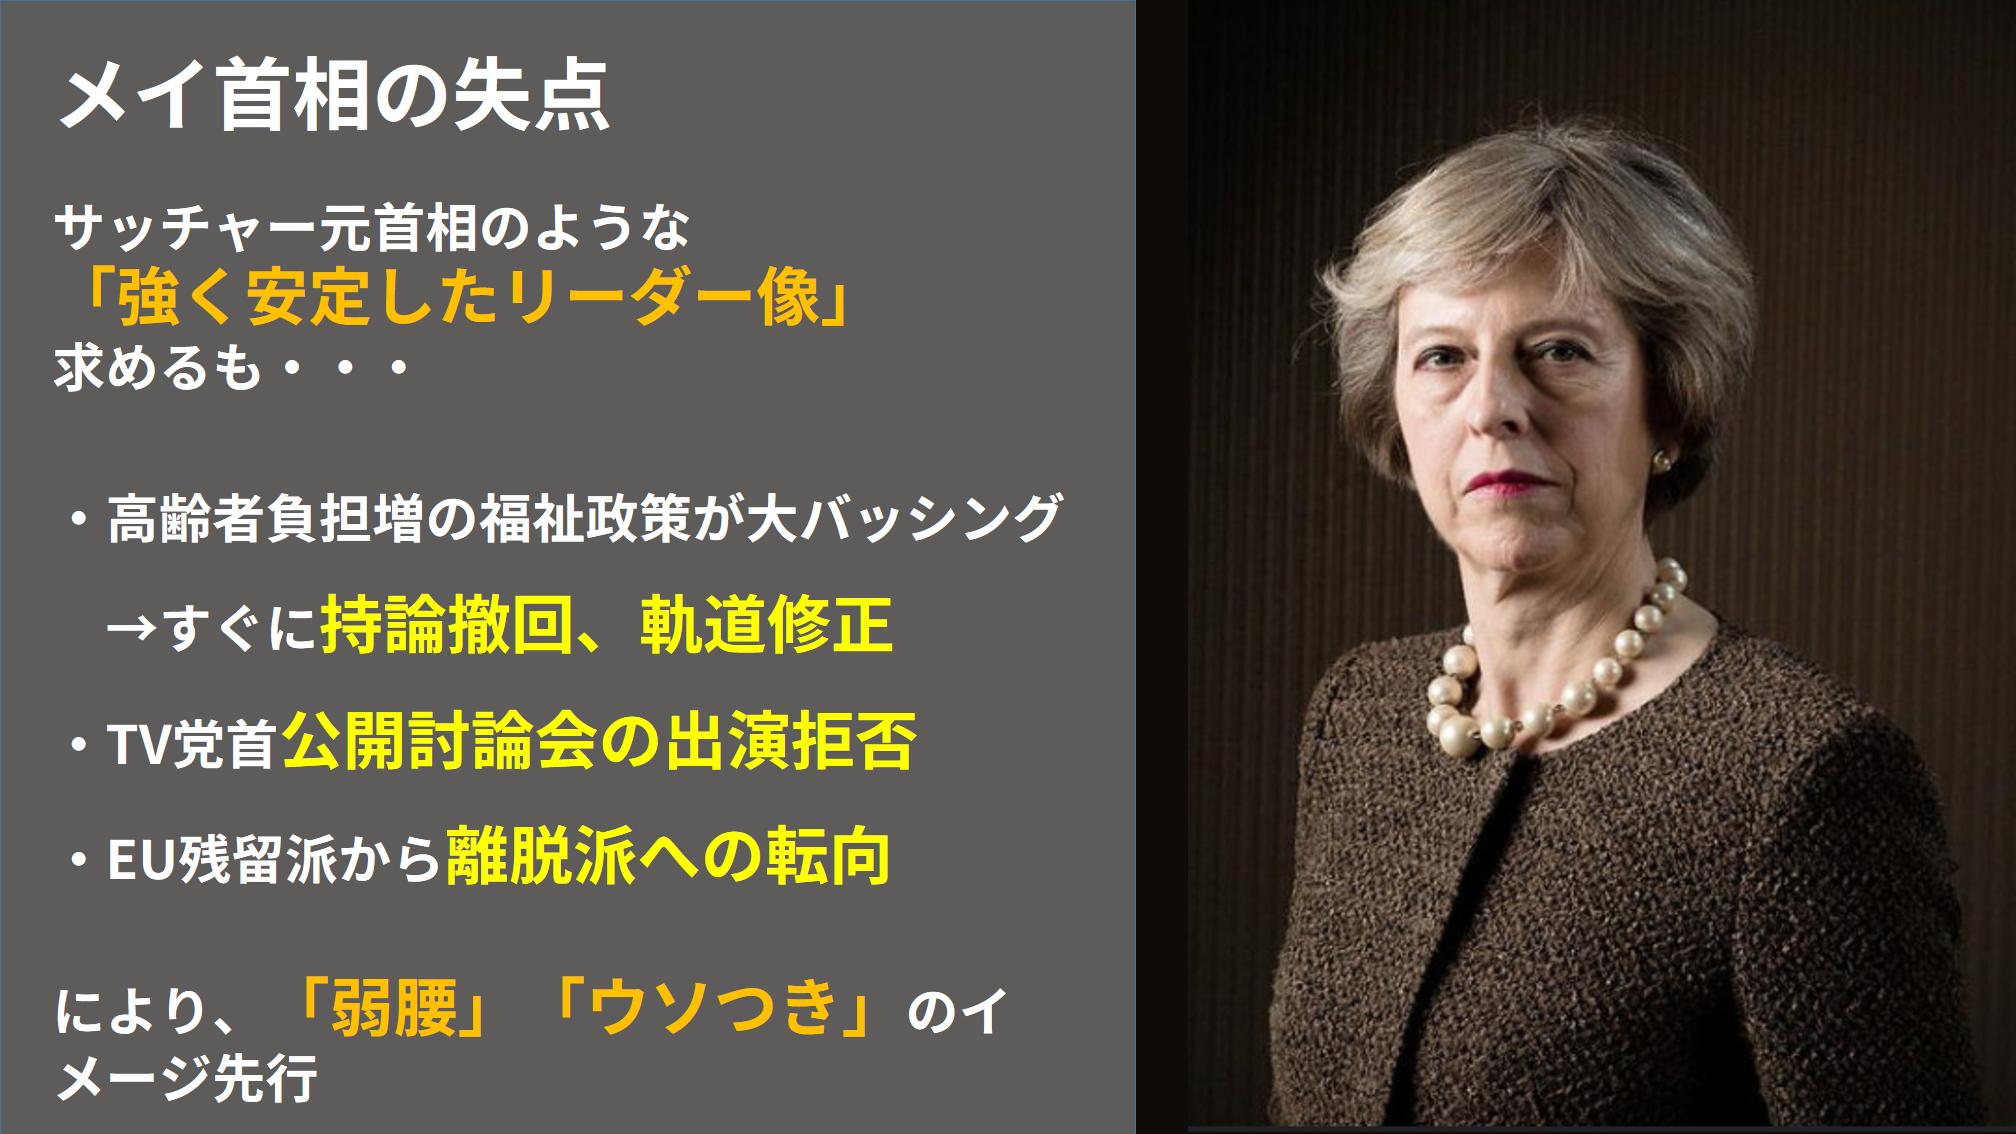 a490562bfbc72d763b55417e516522d4 3d38a75daeb1f729b0317efc50faab9c 2 - イギリス総選挙、結局どういうこと? 「ザックリ」解説